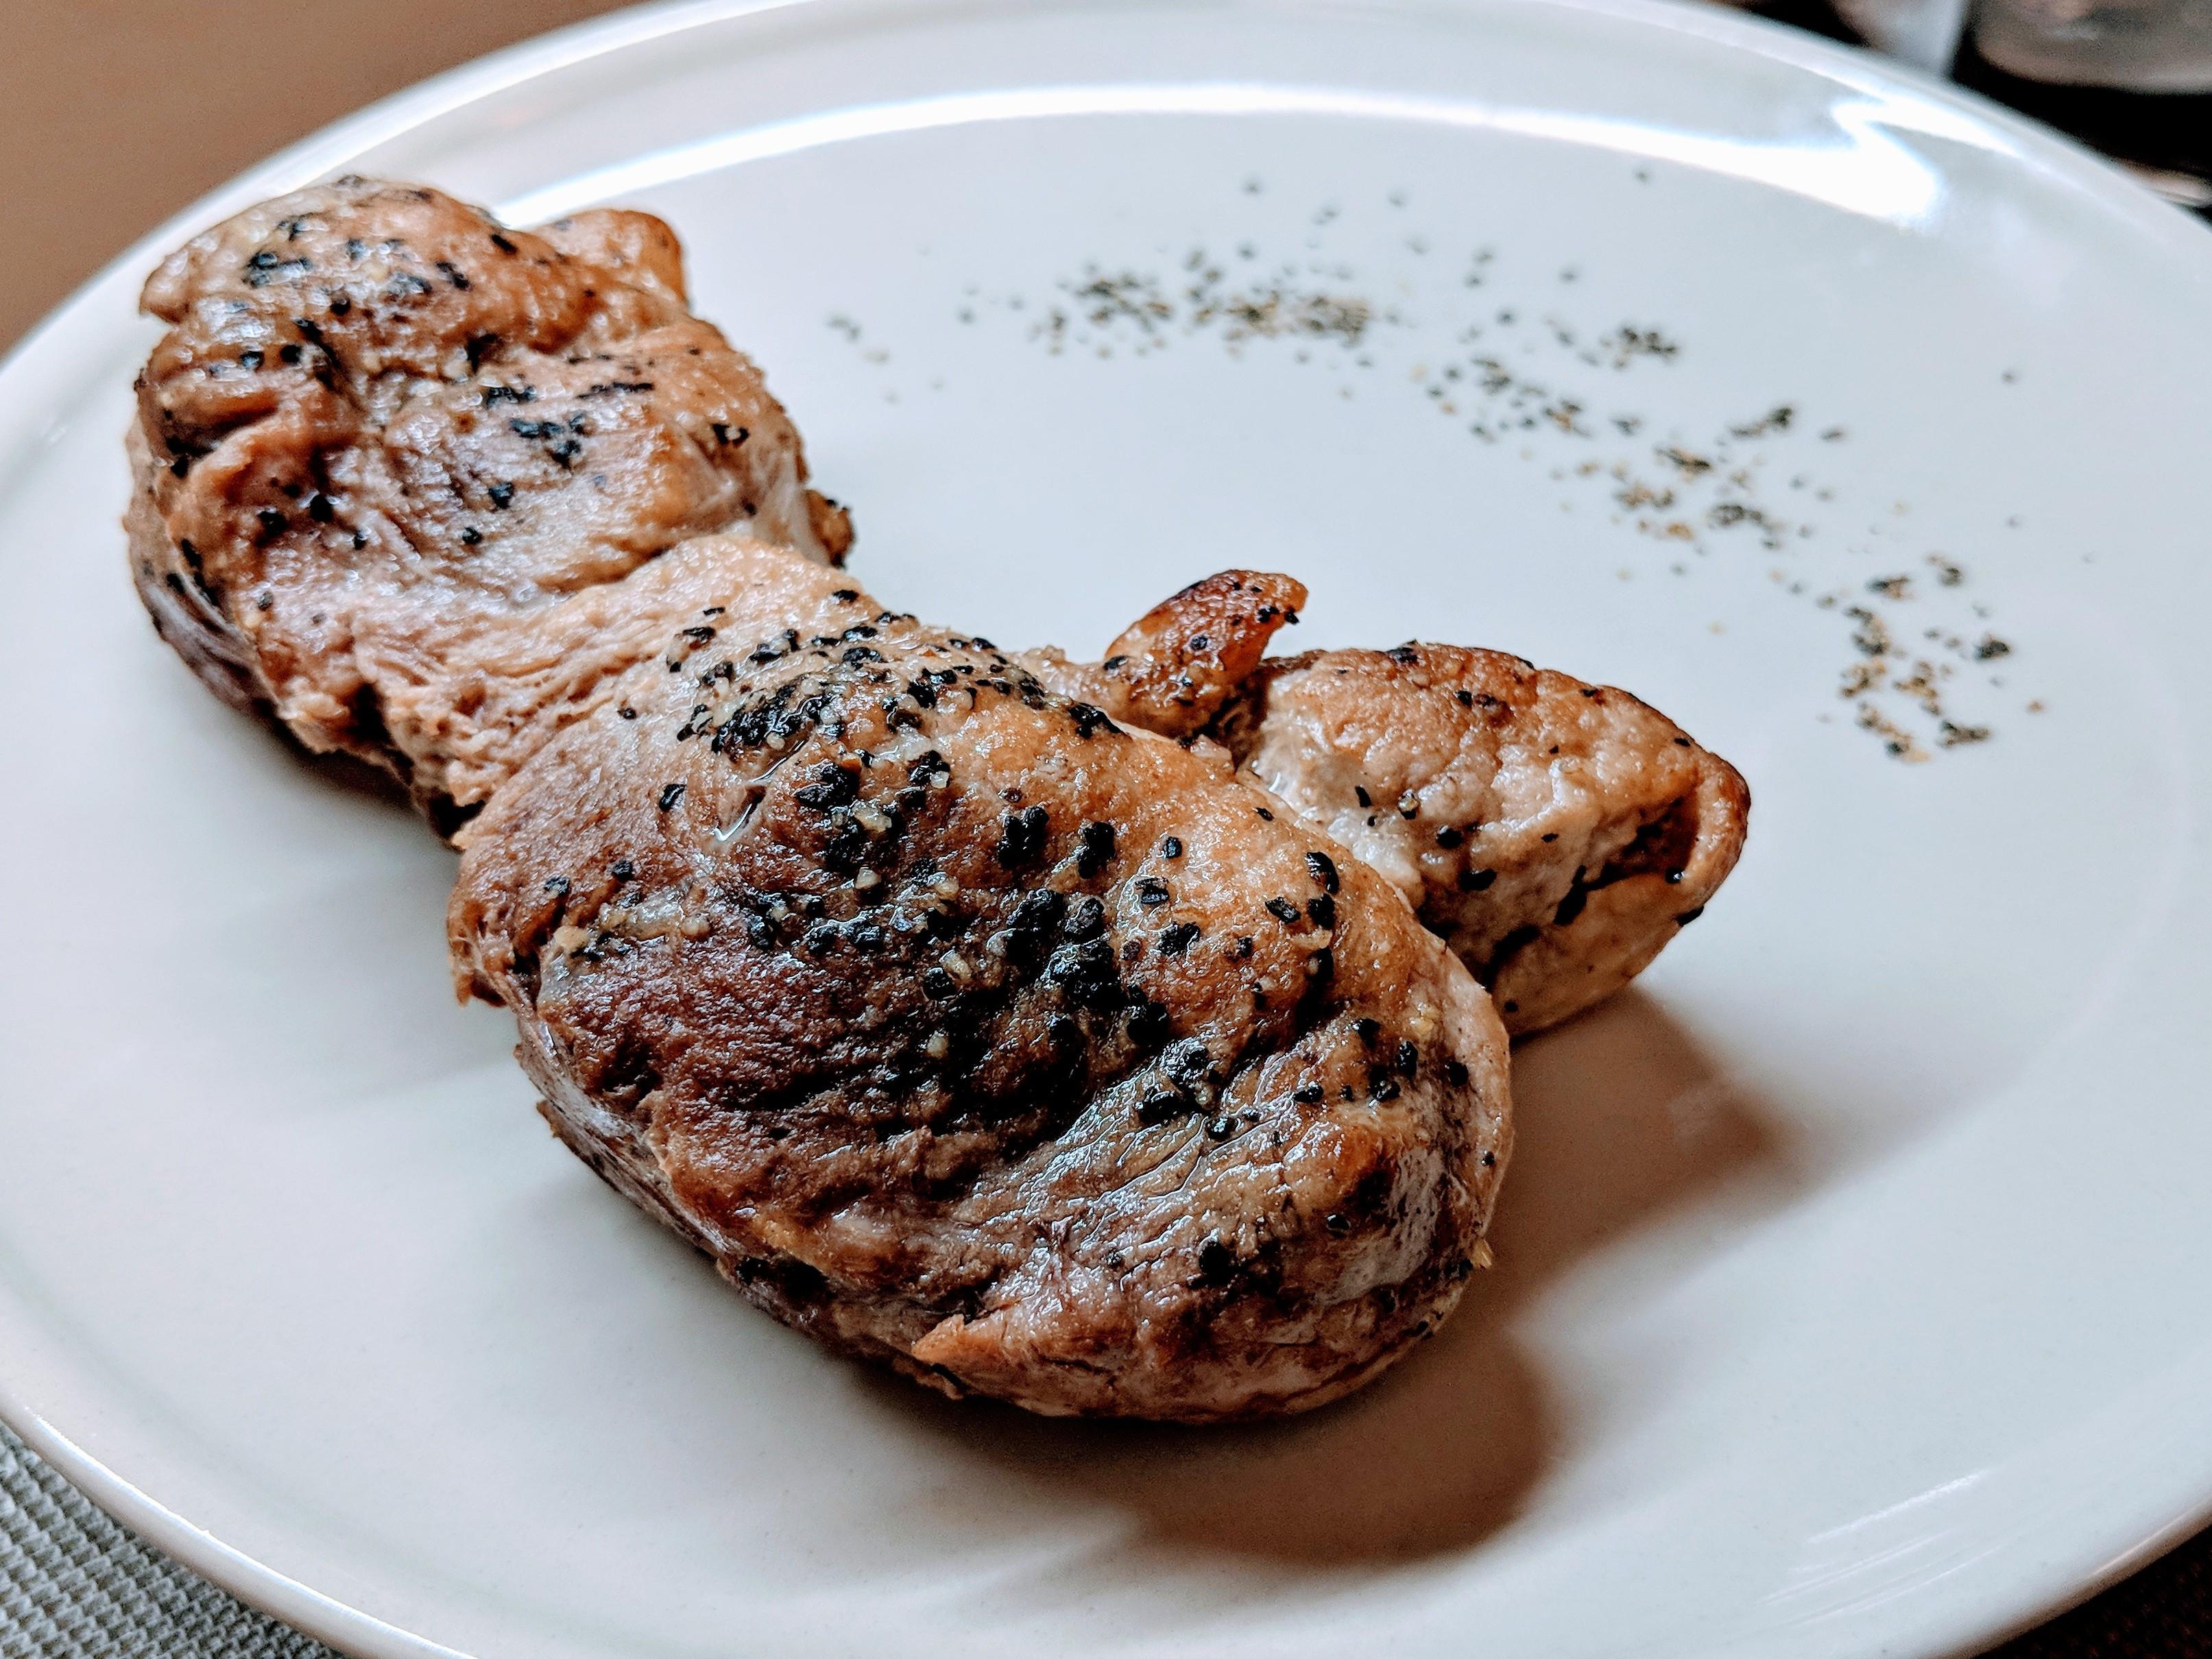 嫩烤豬排(胛心肉)